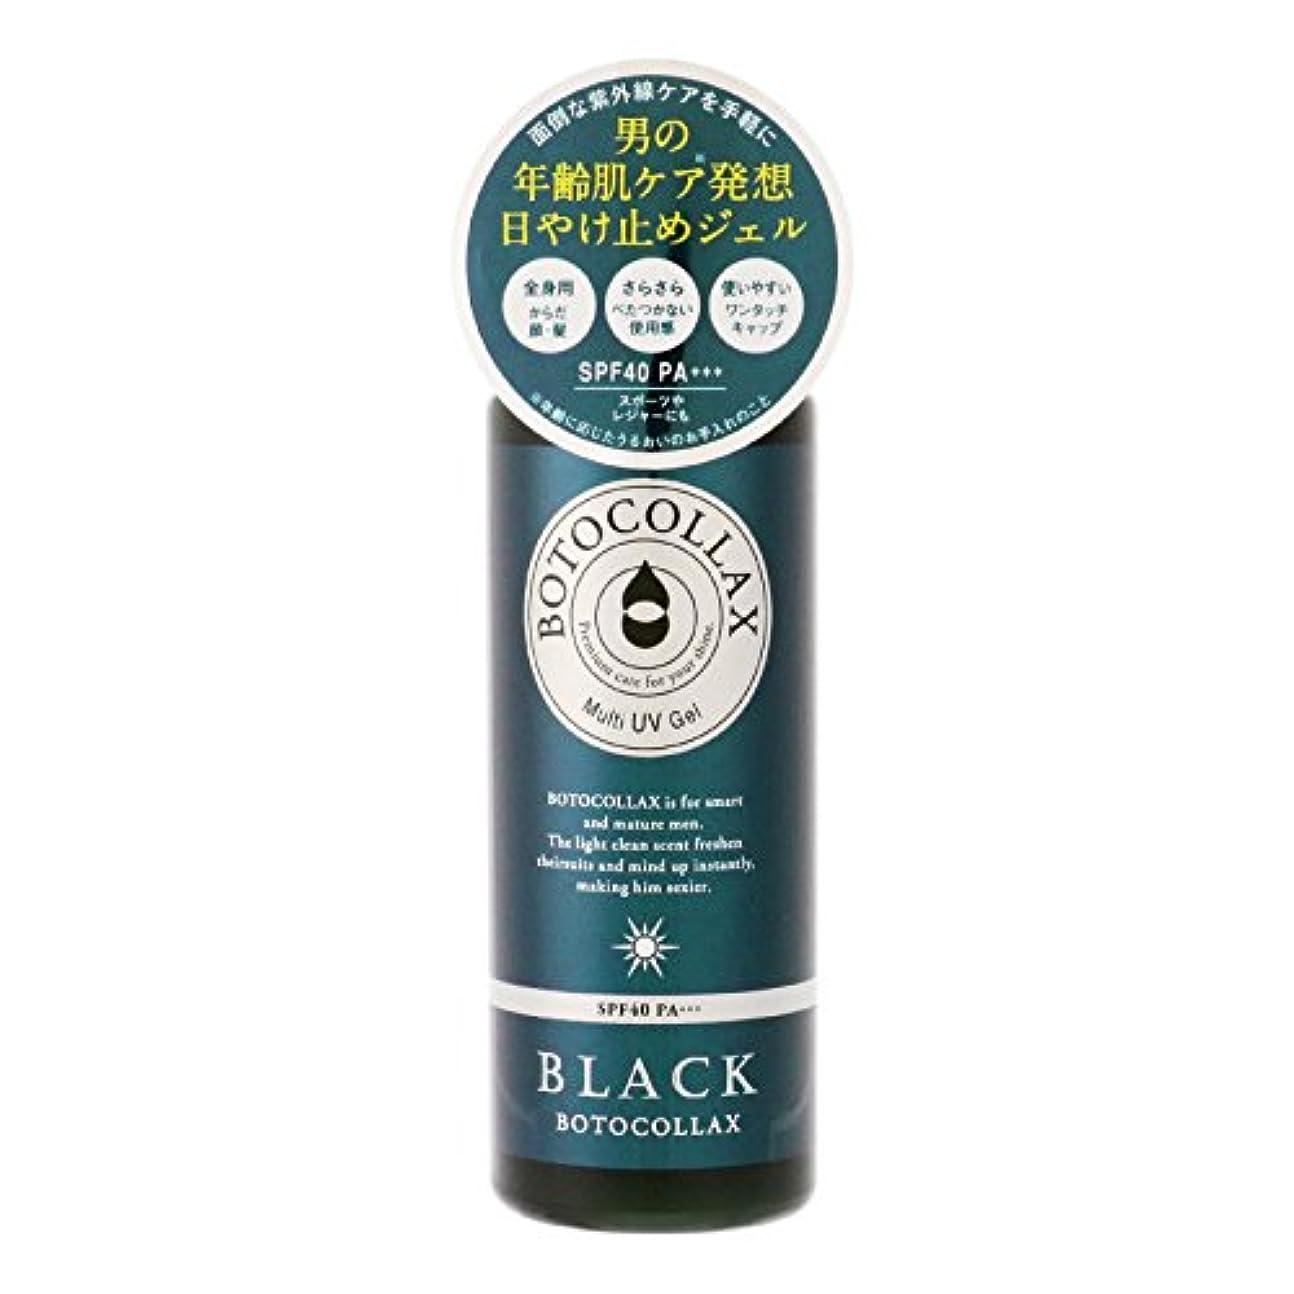 前提条件ファイターめ言葉ボトコラックスブラック オーシャン マルチUVジェル ベルガモットグリーンの香り 70g